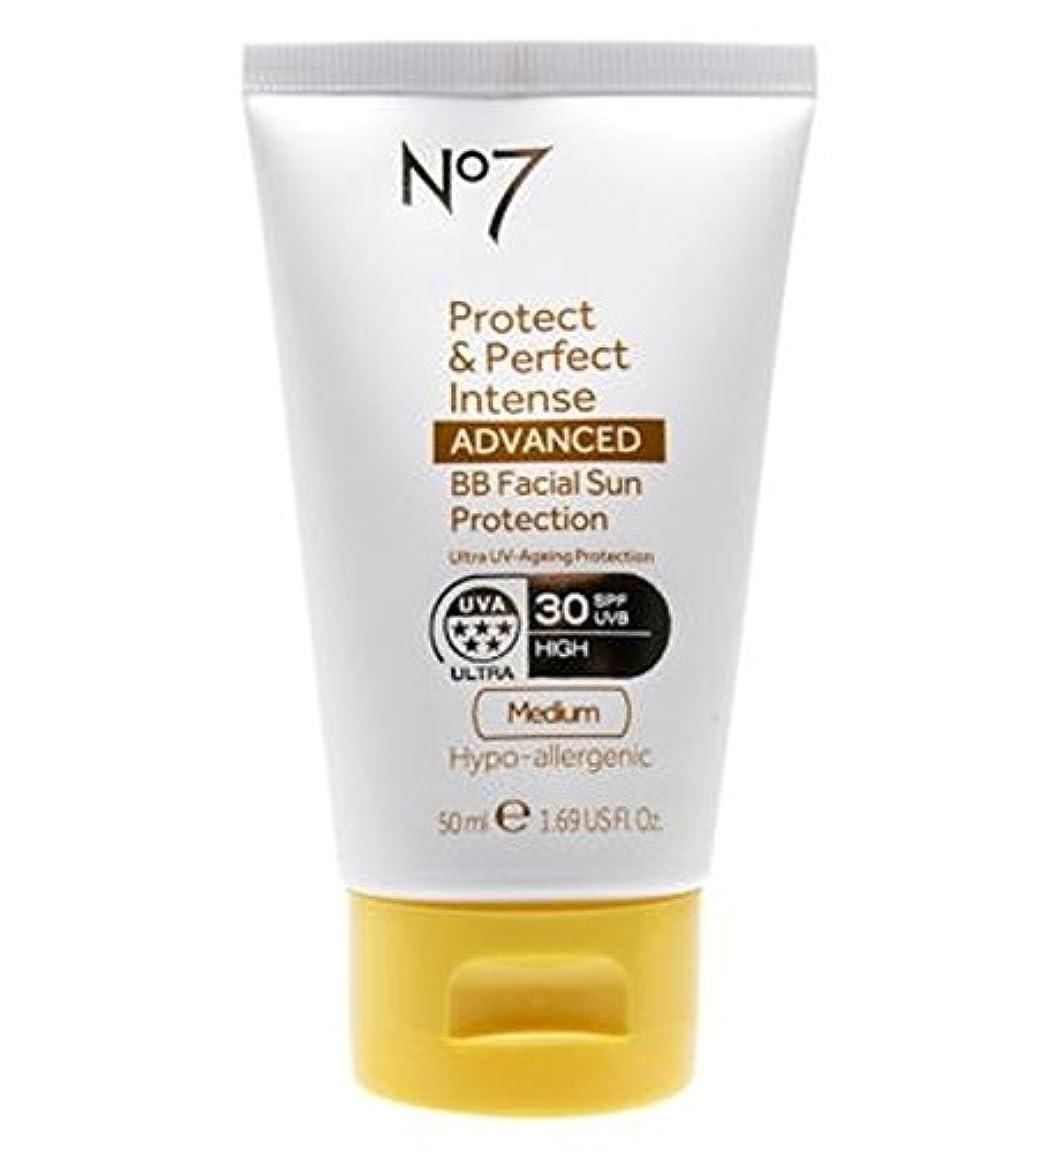 接地偽善エッセンスNo7保護&完璧な強烈な先進Bb顔の日焼け防止Spf30培地50ミリリットル (No7) (x2) - No7 Protect & Perfect Intense ADVANCED BB Facial Sun Protection SPF30 Medium 50ml (Pack of 2) [並行輸入品]